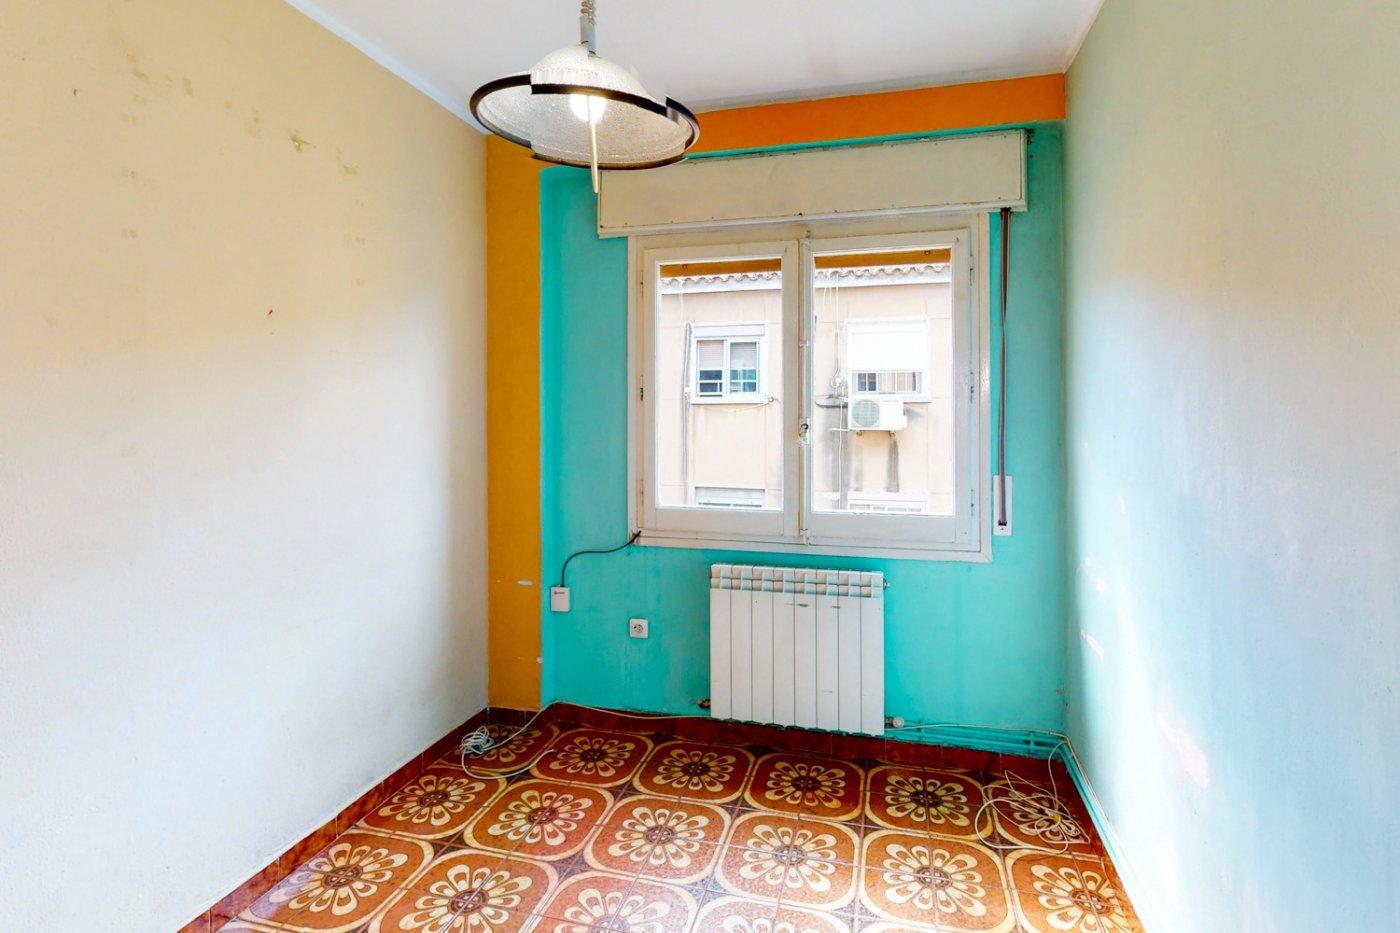 Piso a la venta en c/ lugo, exterior, de tres dormitorios, salon, cocina y baÑo. - imagenInmueble21